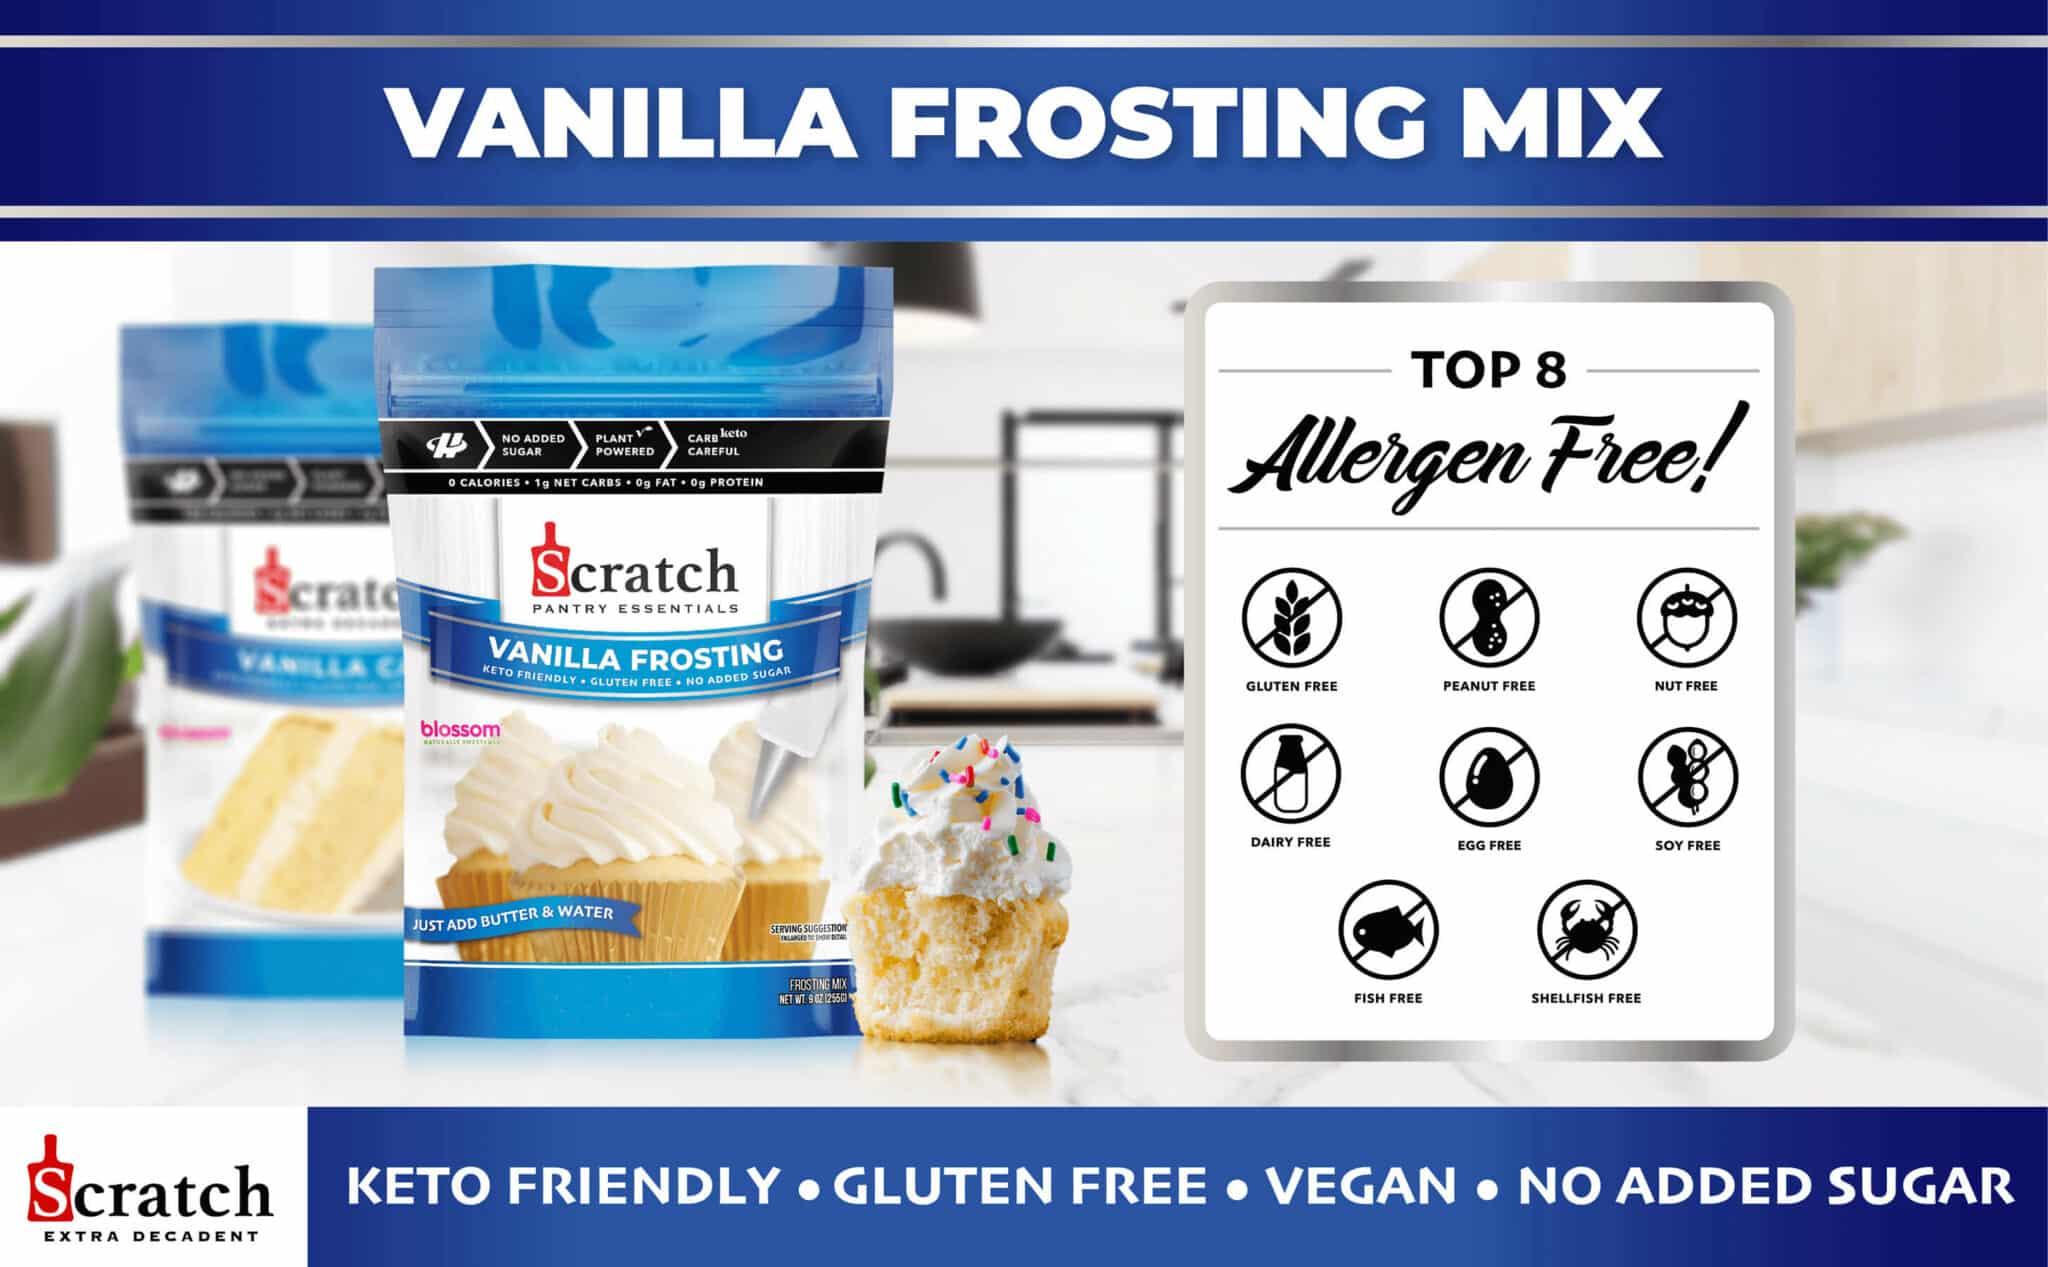 Keto Vanilla Frosting